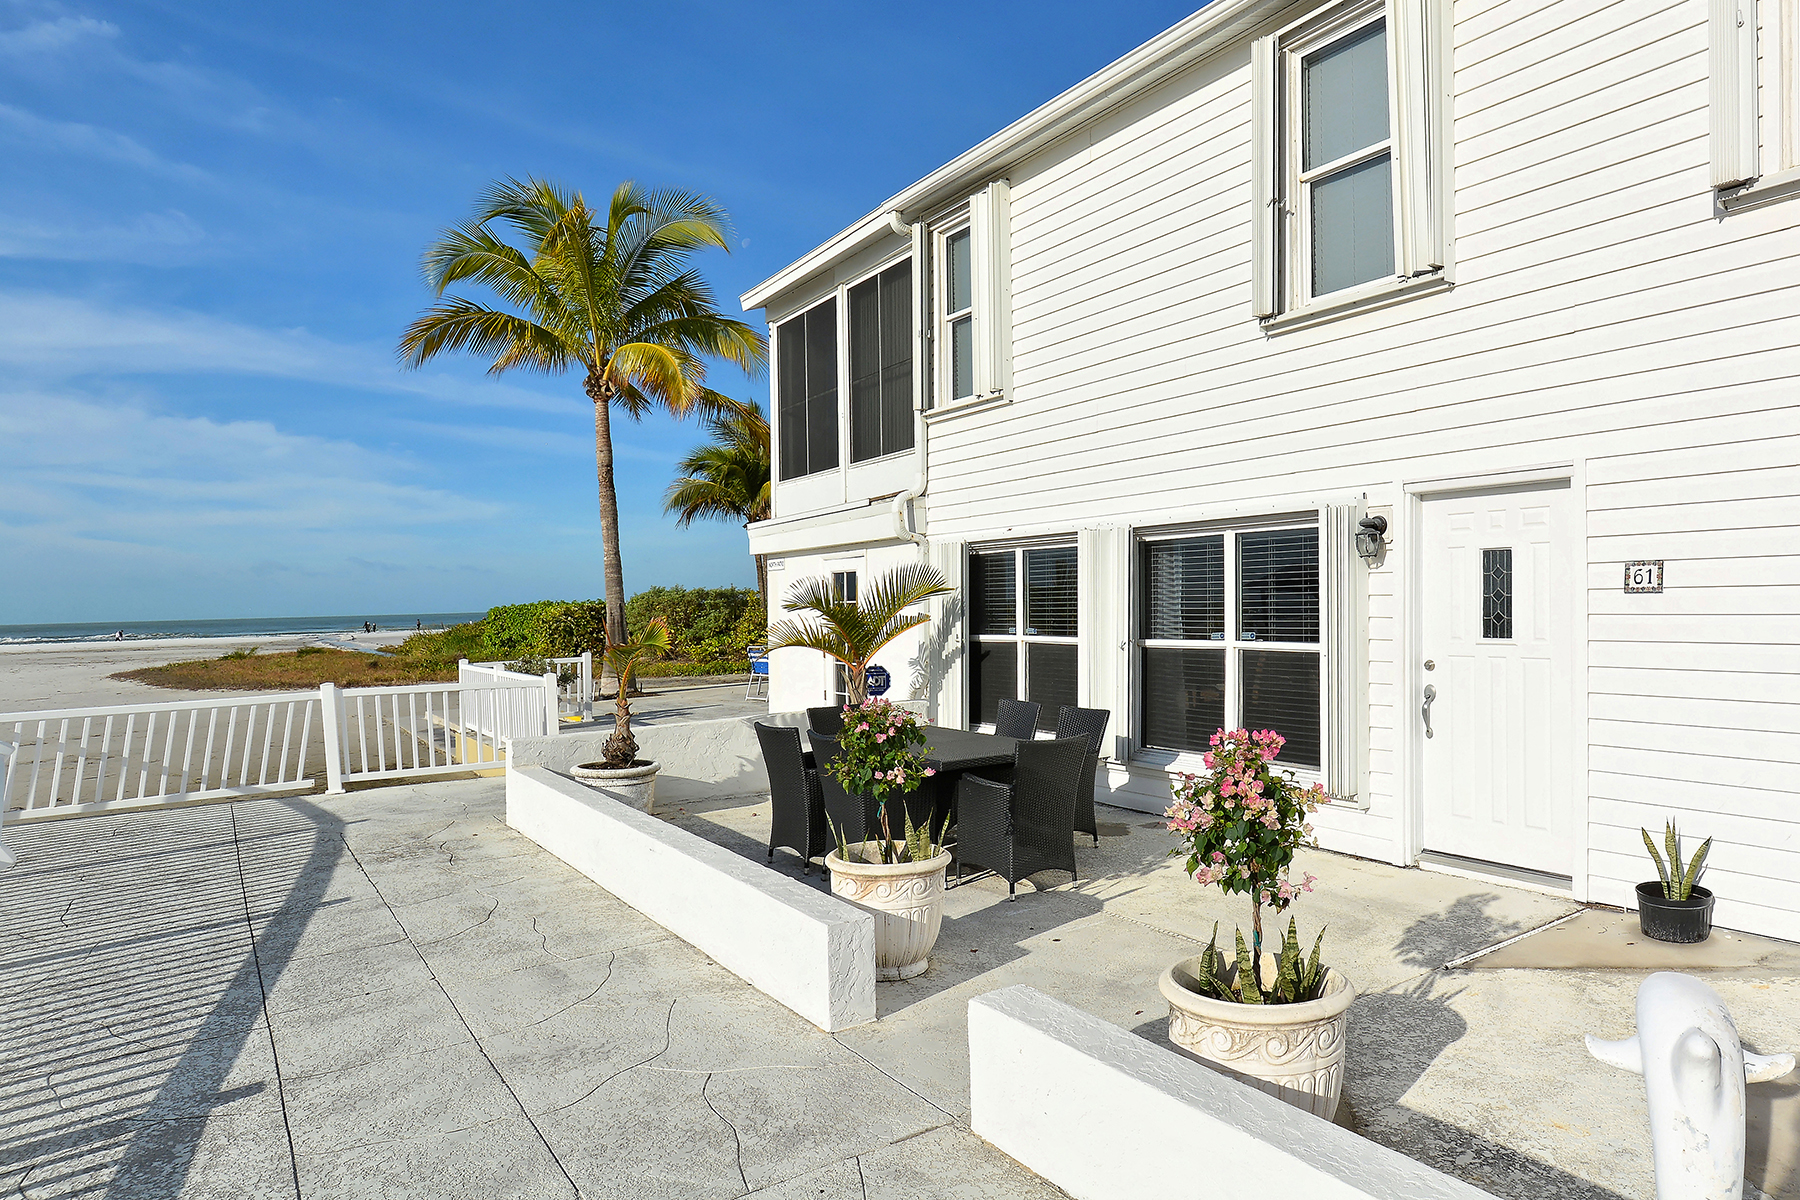 共管式独立产权公寓 为 销售 在 SARASOTA 5858 Midnight Pass Rd 61 萨拉索塔, 佛罗里达州, 34242 美国